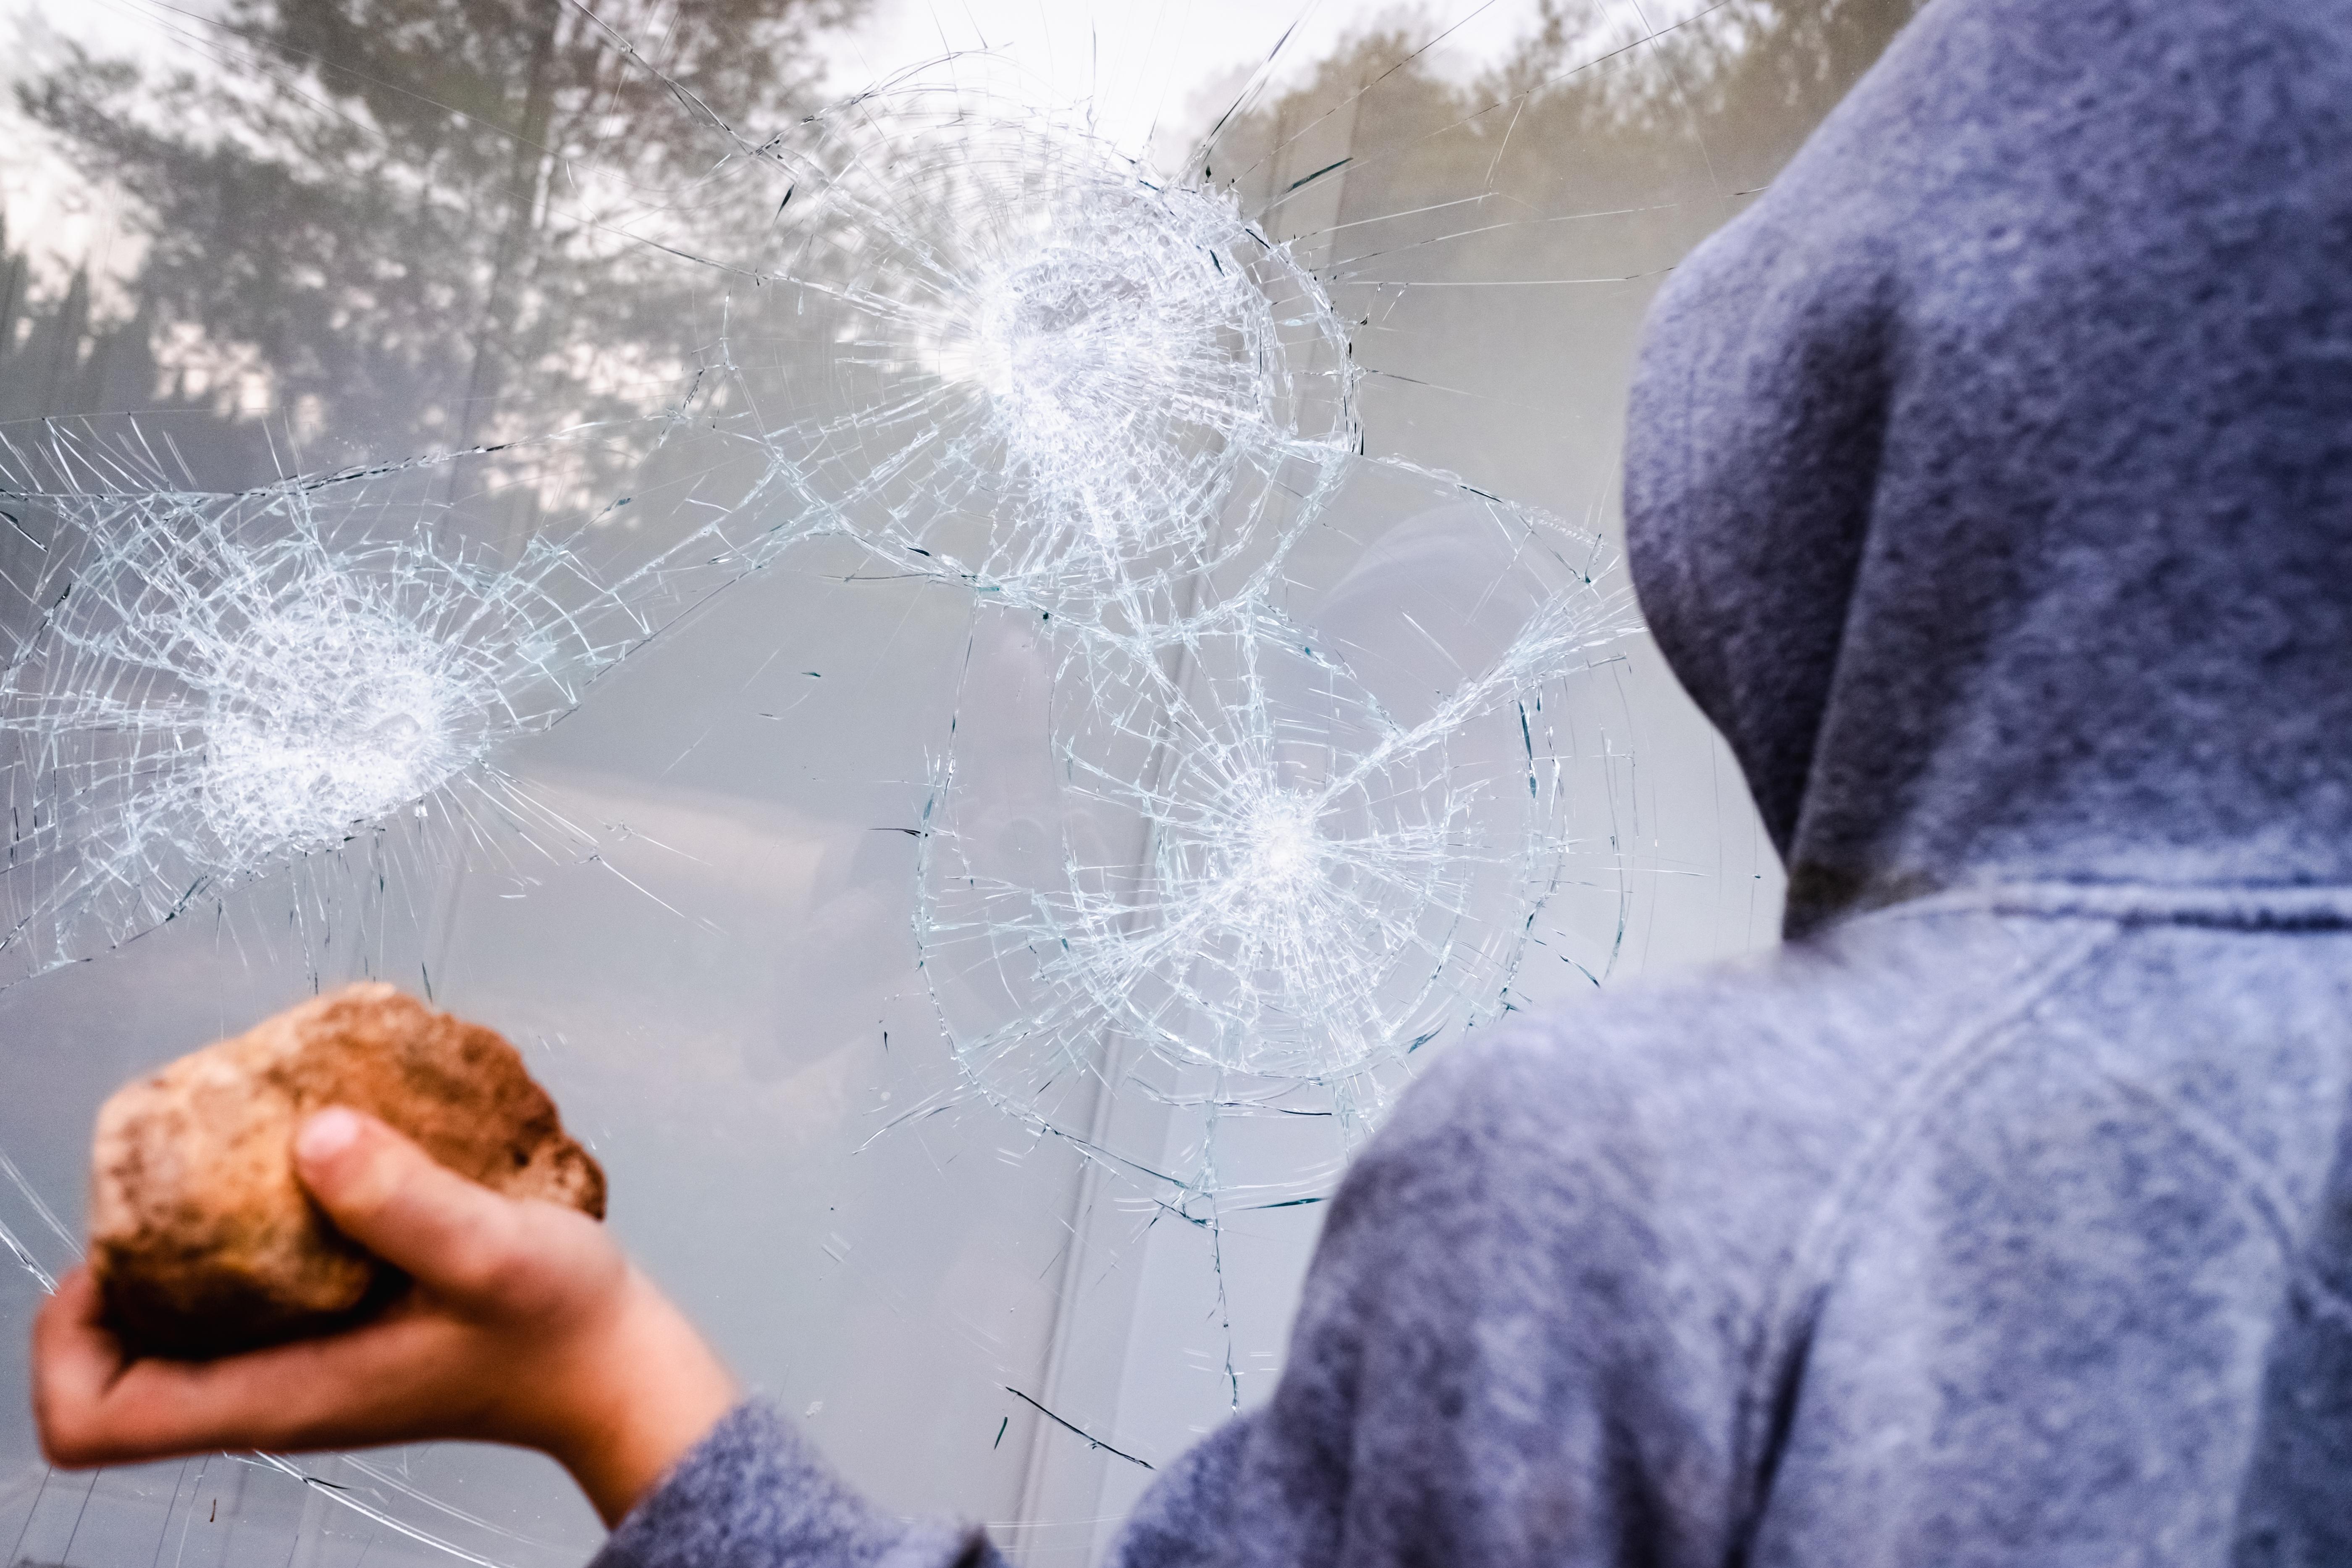 Trei minori au distrus tot ce le-a ieșit în cale într-o școală din Covasna